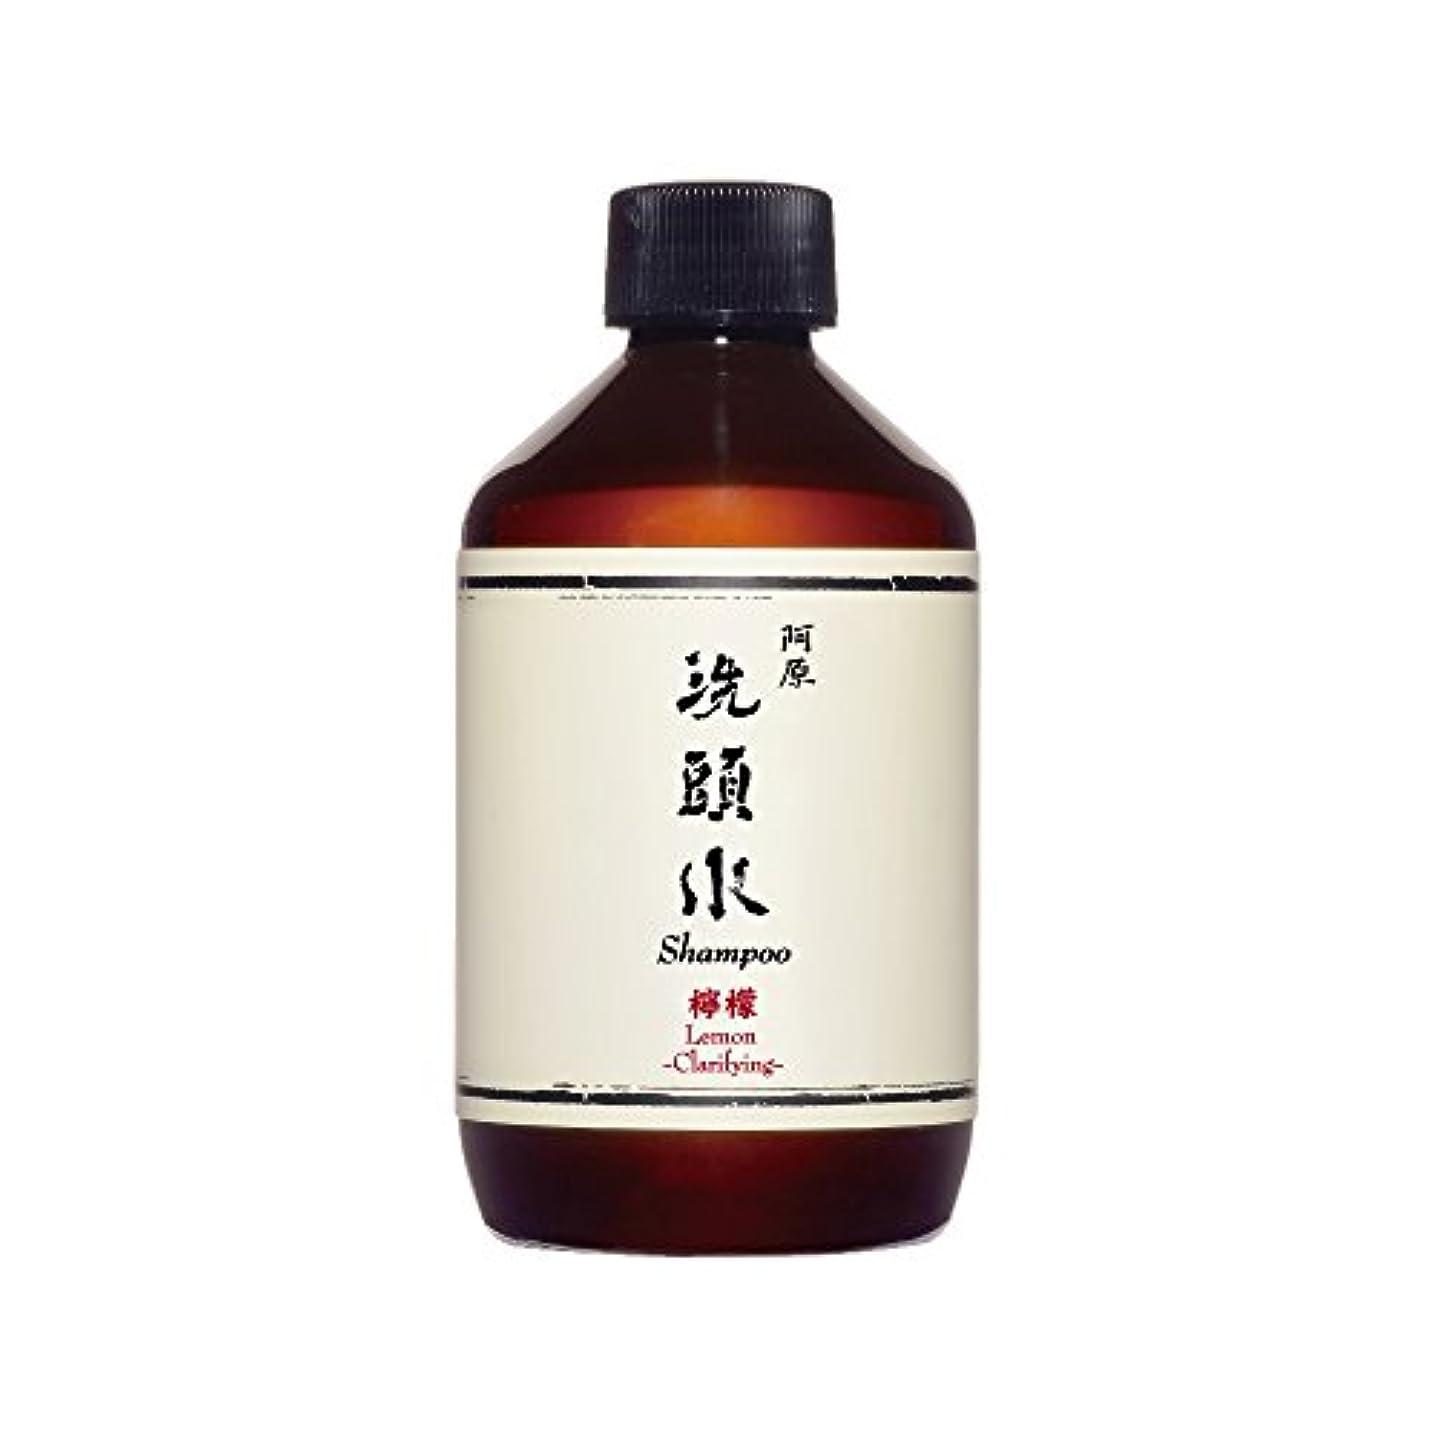 臭い排他的ペネロペYUAN(ユアン) 檸檬(レモン)スカルプシャンプー 50ml